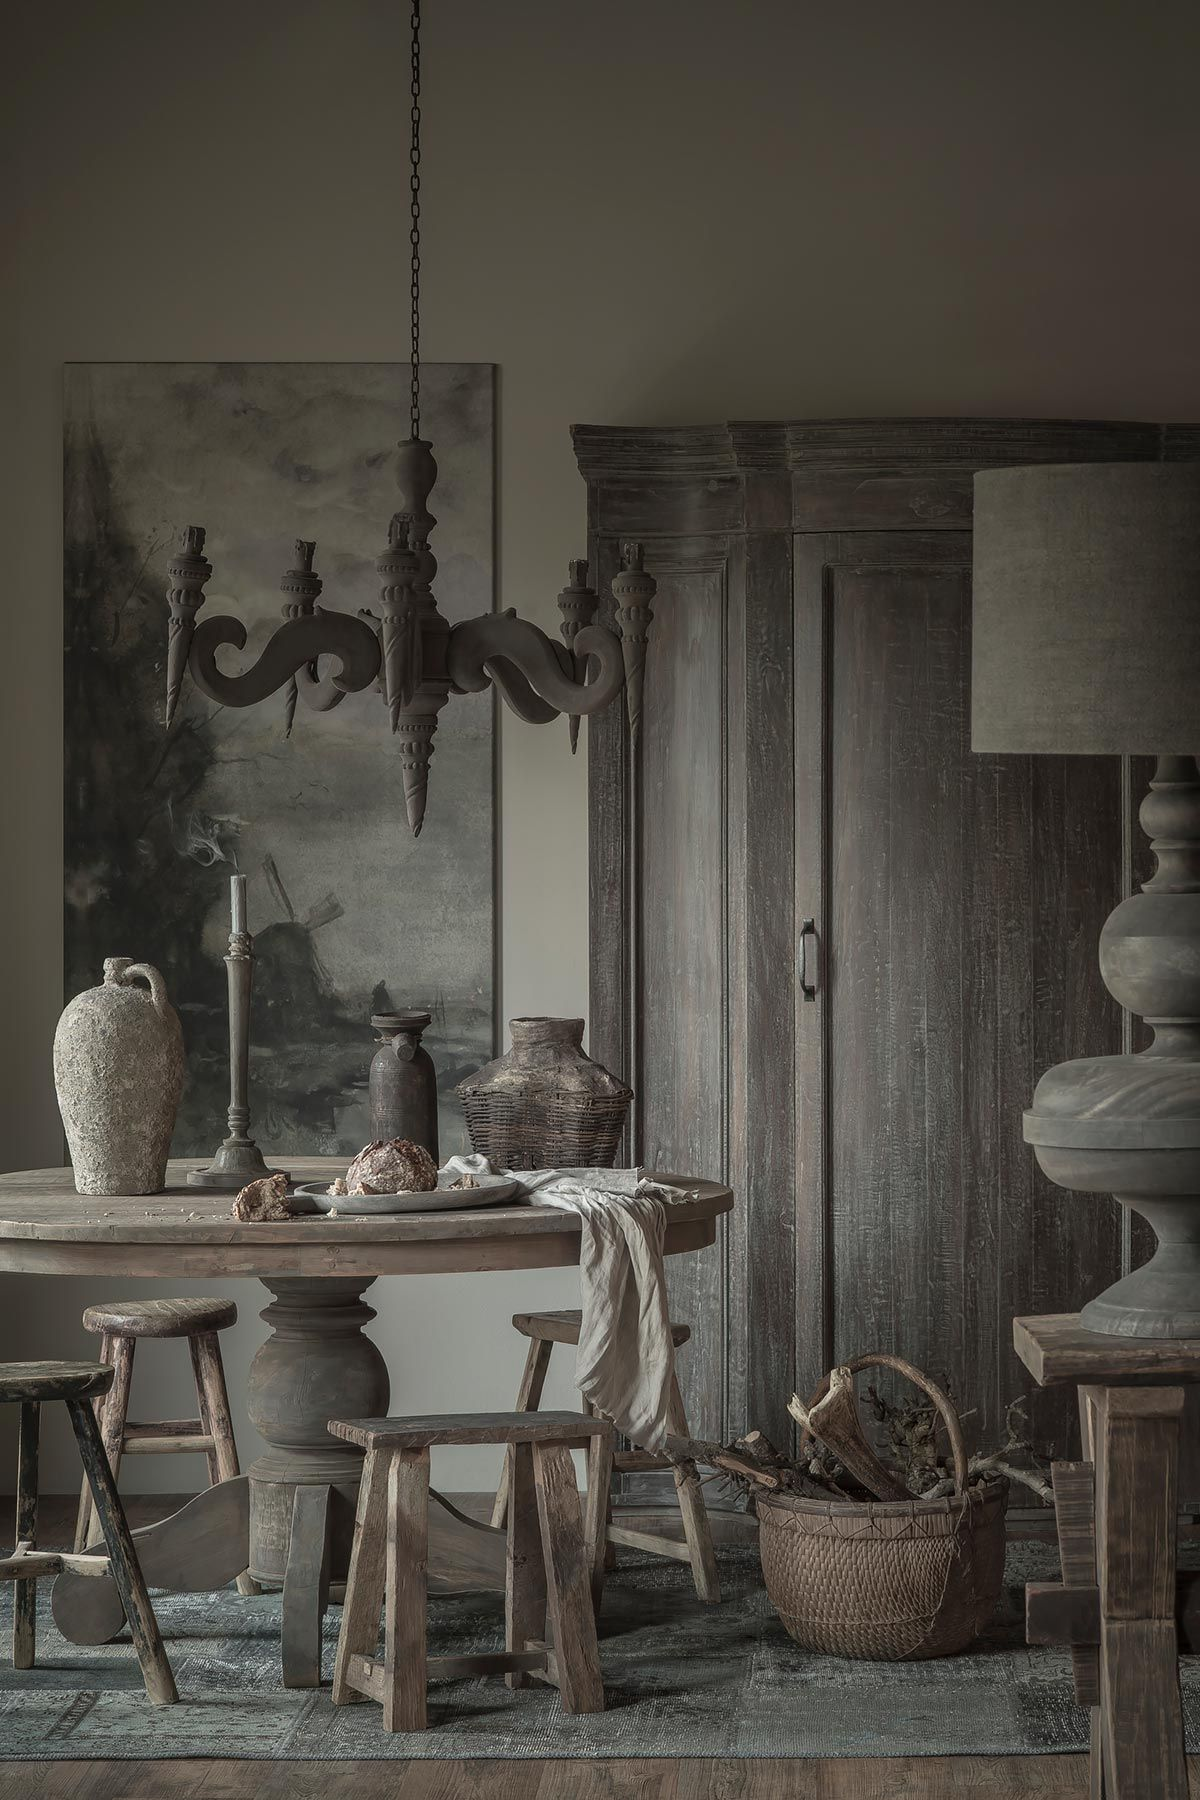 hoffz interieur hoffz linnenkast landschap bij maanlicht rijksmuseum rijksstudio mauritshuis goedkoop canvasdoek bestellen schilderij op maat